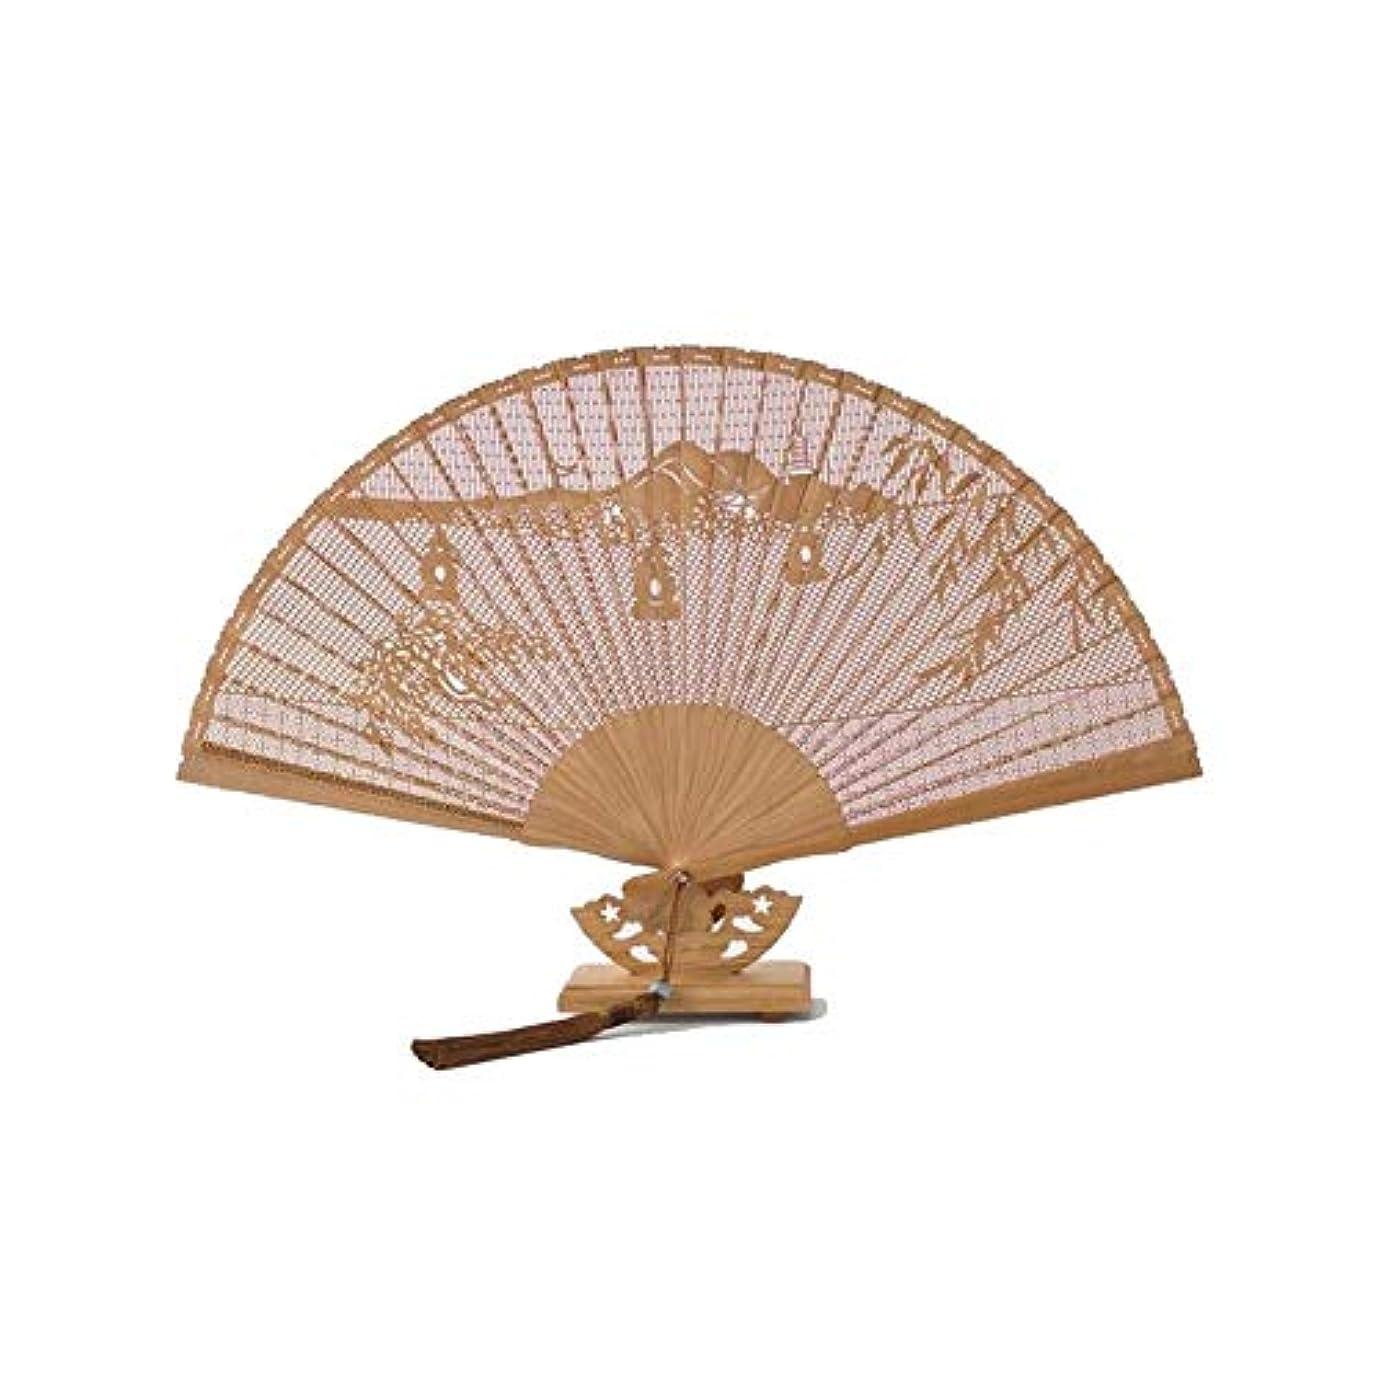 酸素避けられない歩道QIANZICAI 扇子、ファン、ホームアクセサリー、ダンスの小道具、サイズ23CMカービングクラシック竹。 ファン (Color : Brown- B)